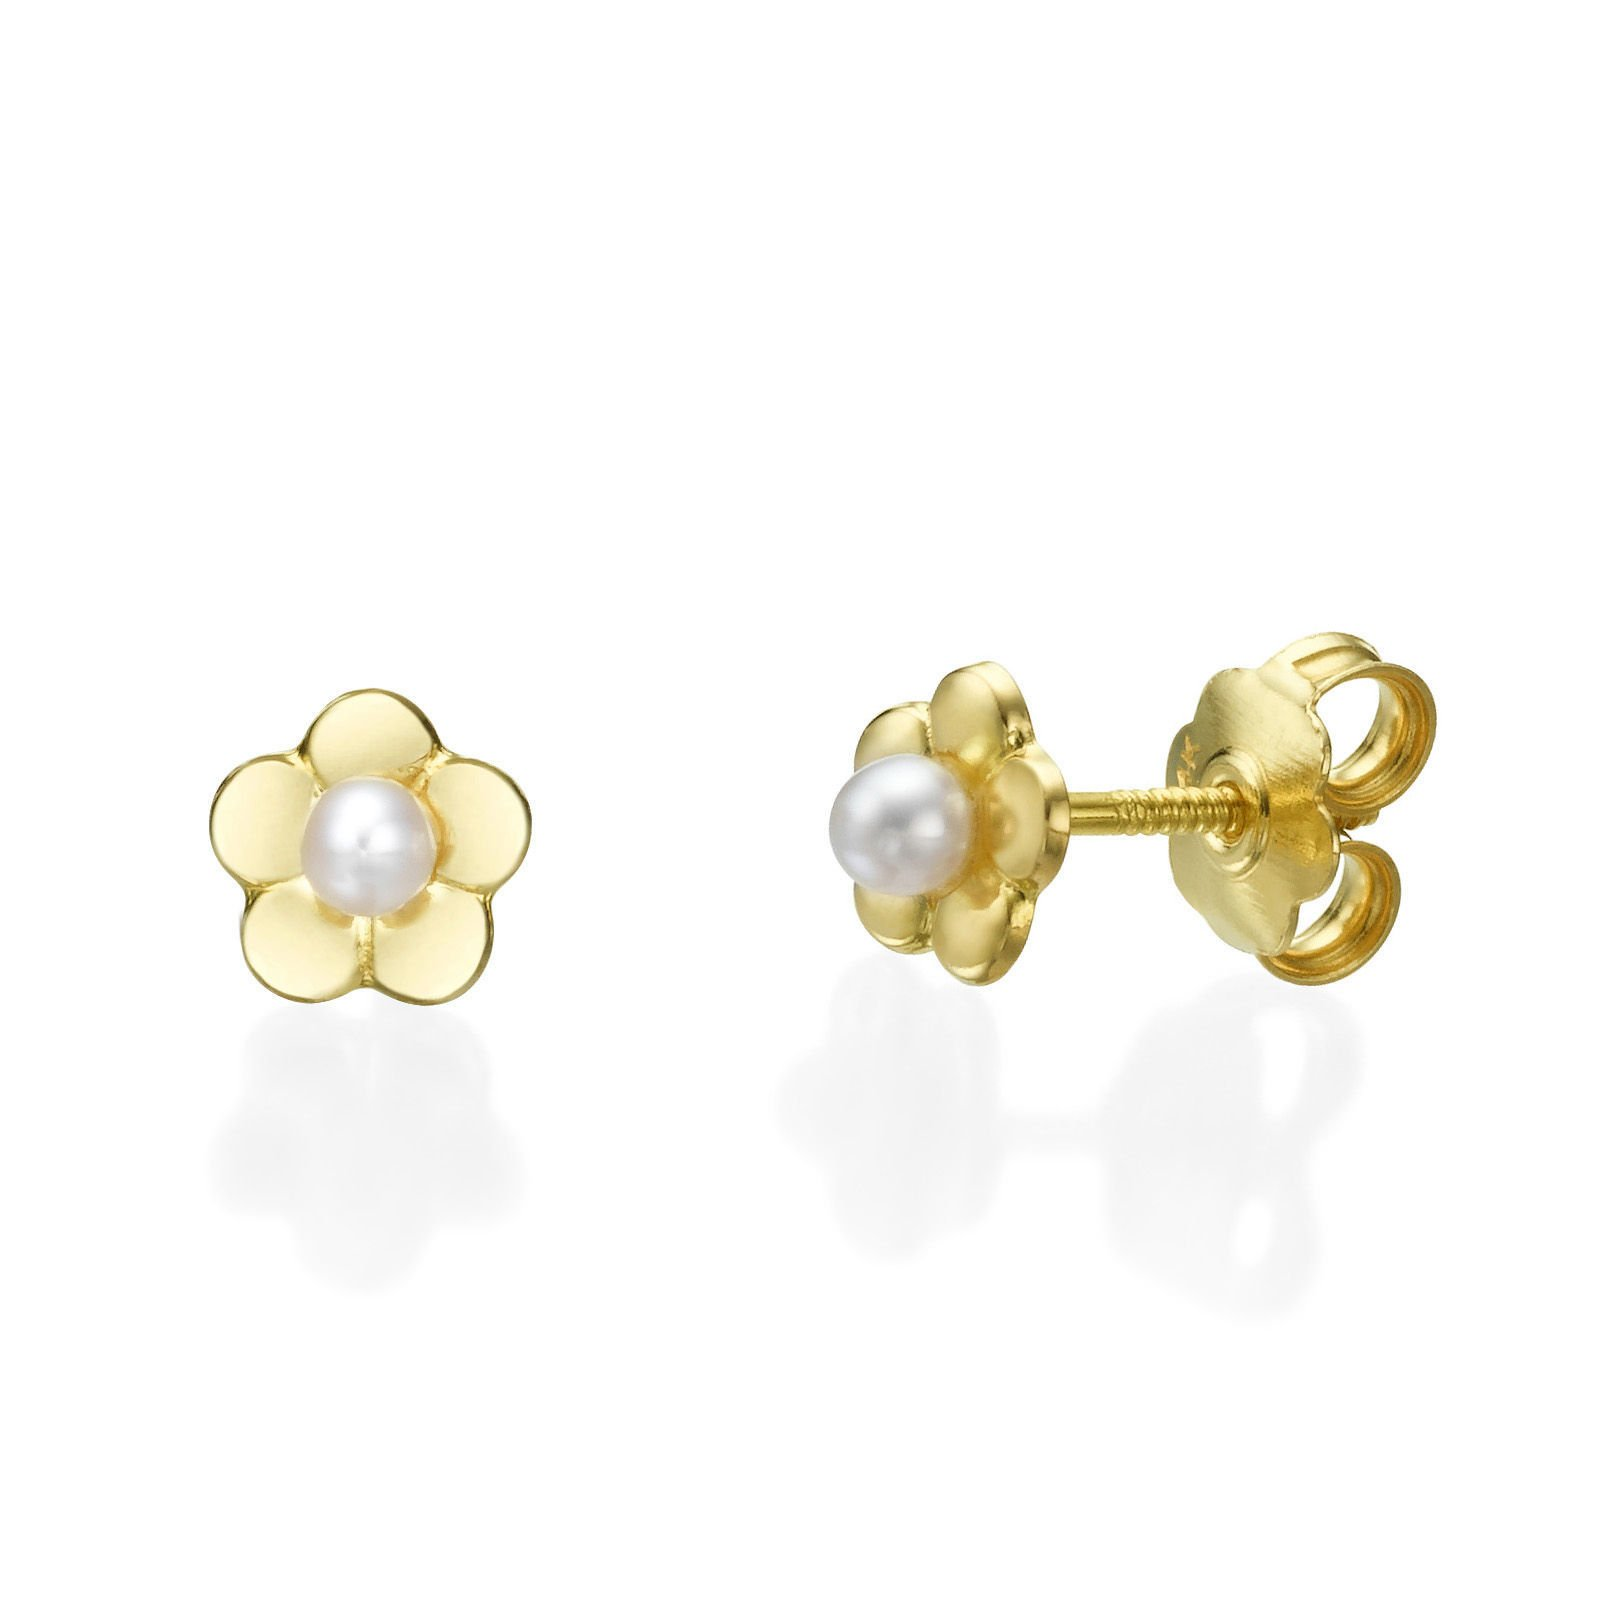 14K Fine Yellow Gold Pearls Flower Screw Back Stud Earrings for Baby Girls Gift Kids Children